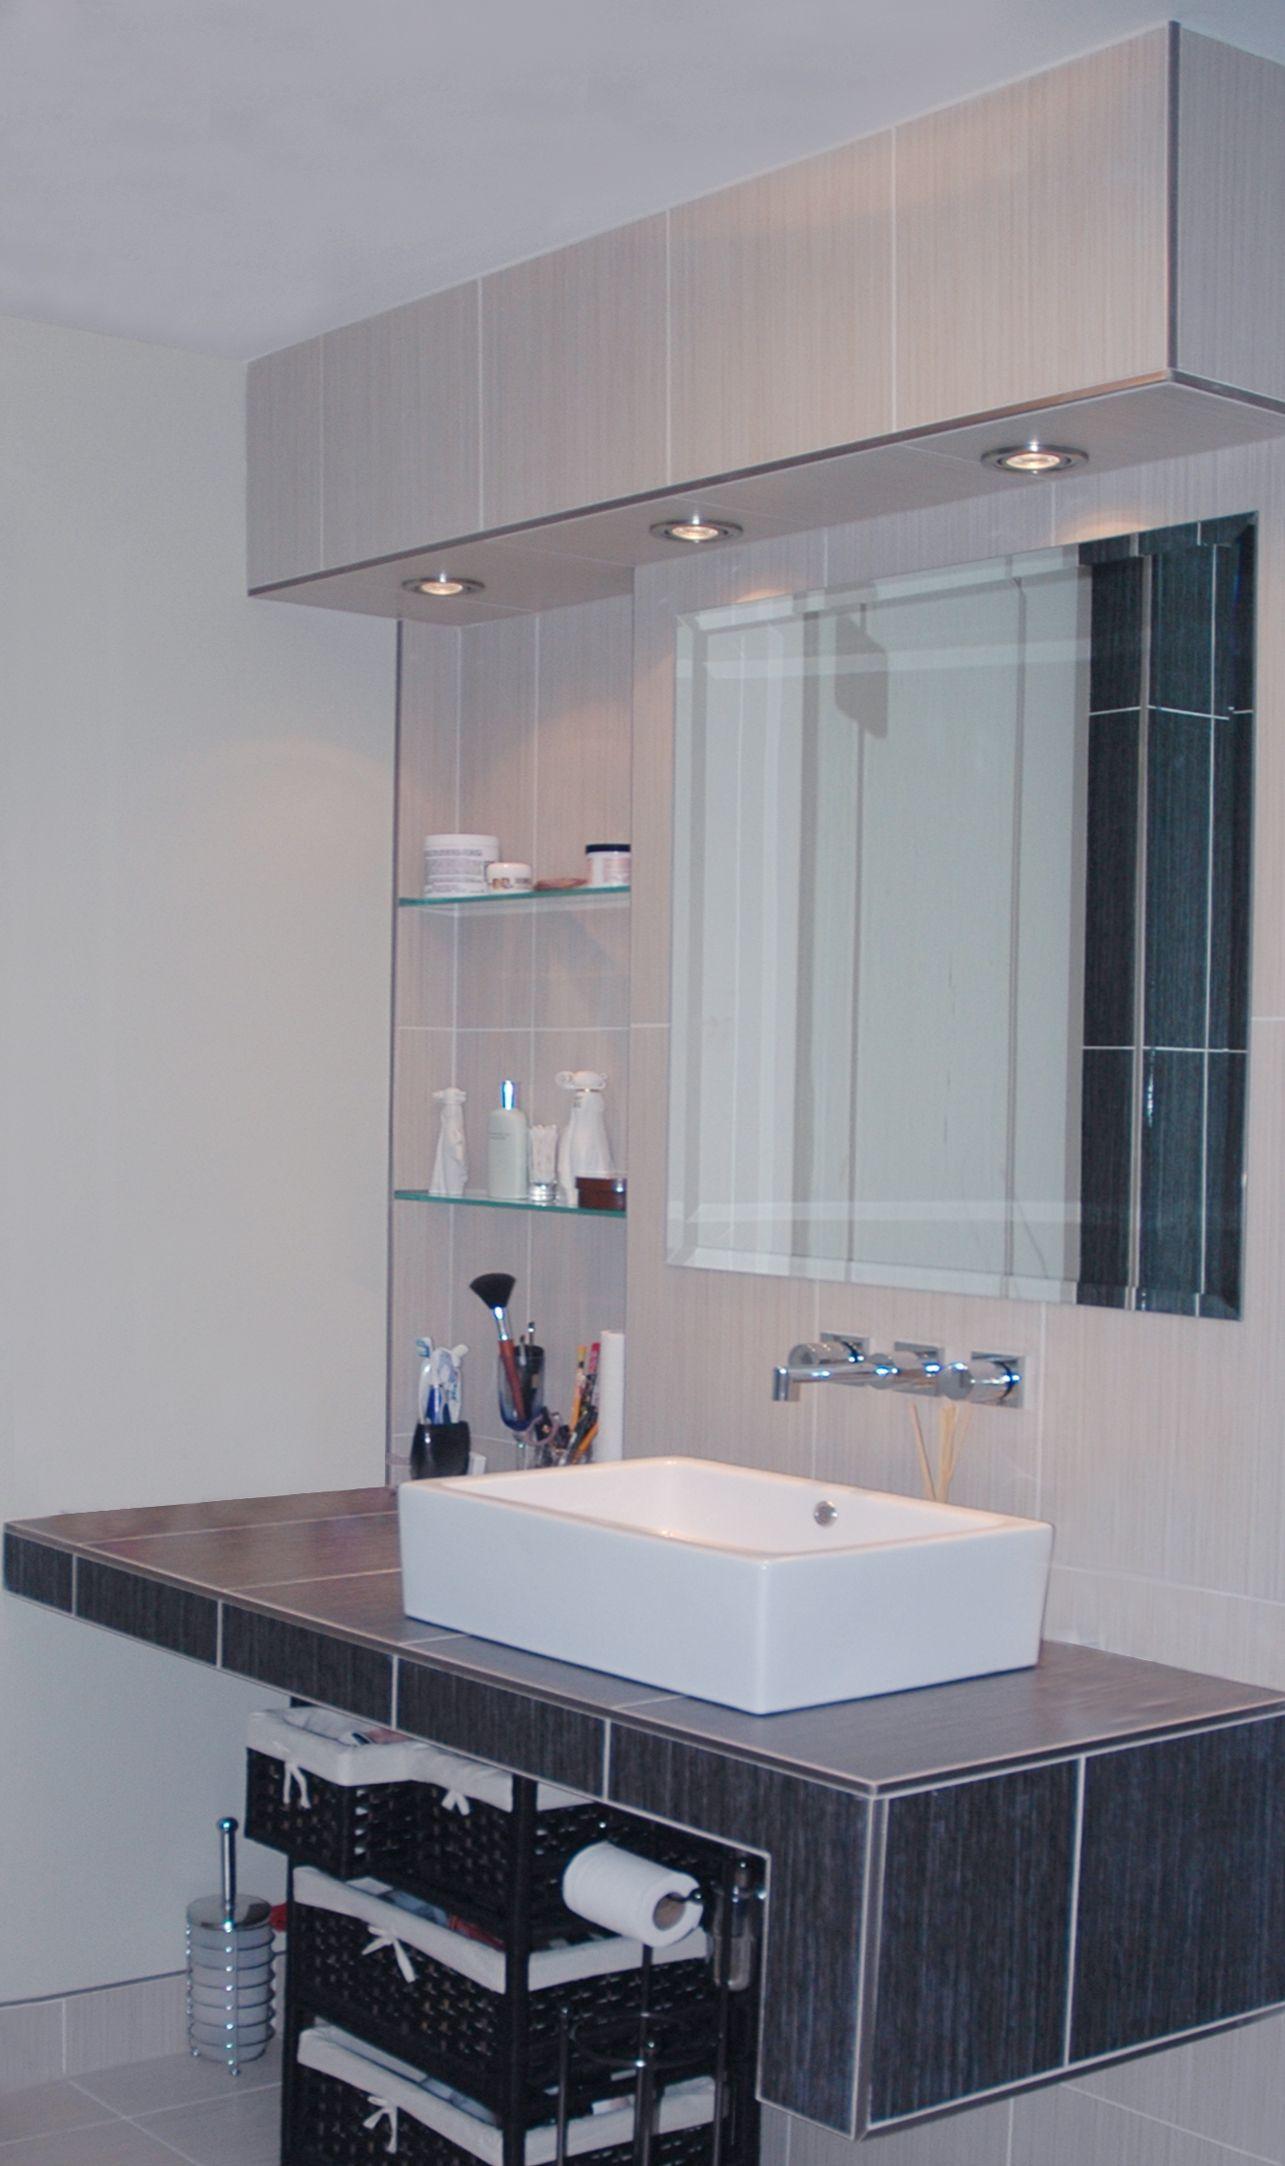 Tiled Floating Vanity Top Mount Sink Wall Mounted Facuets Bathroom Sinks Renovations